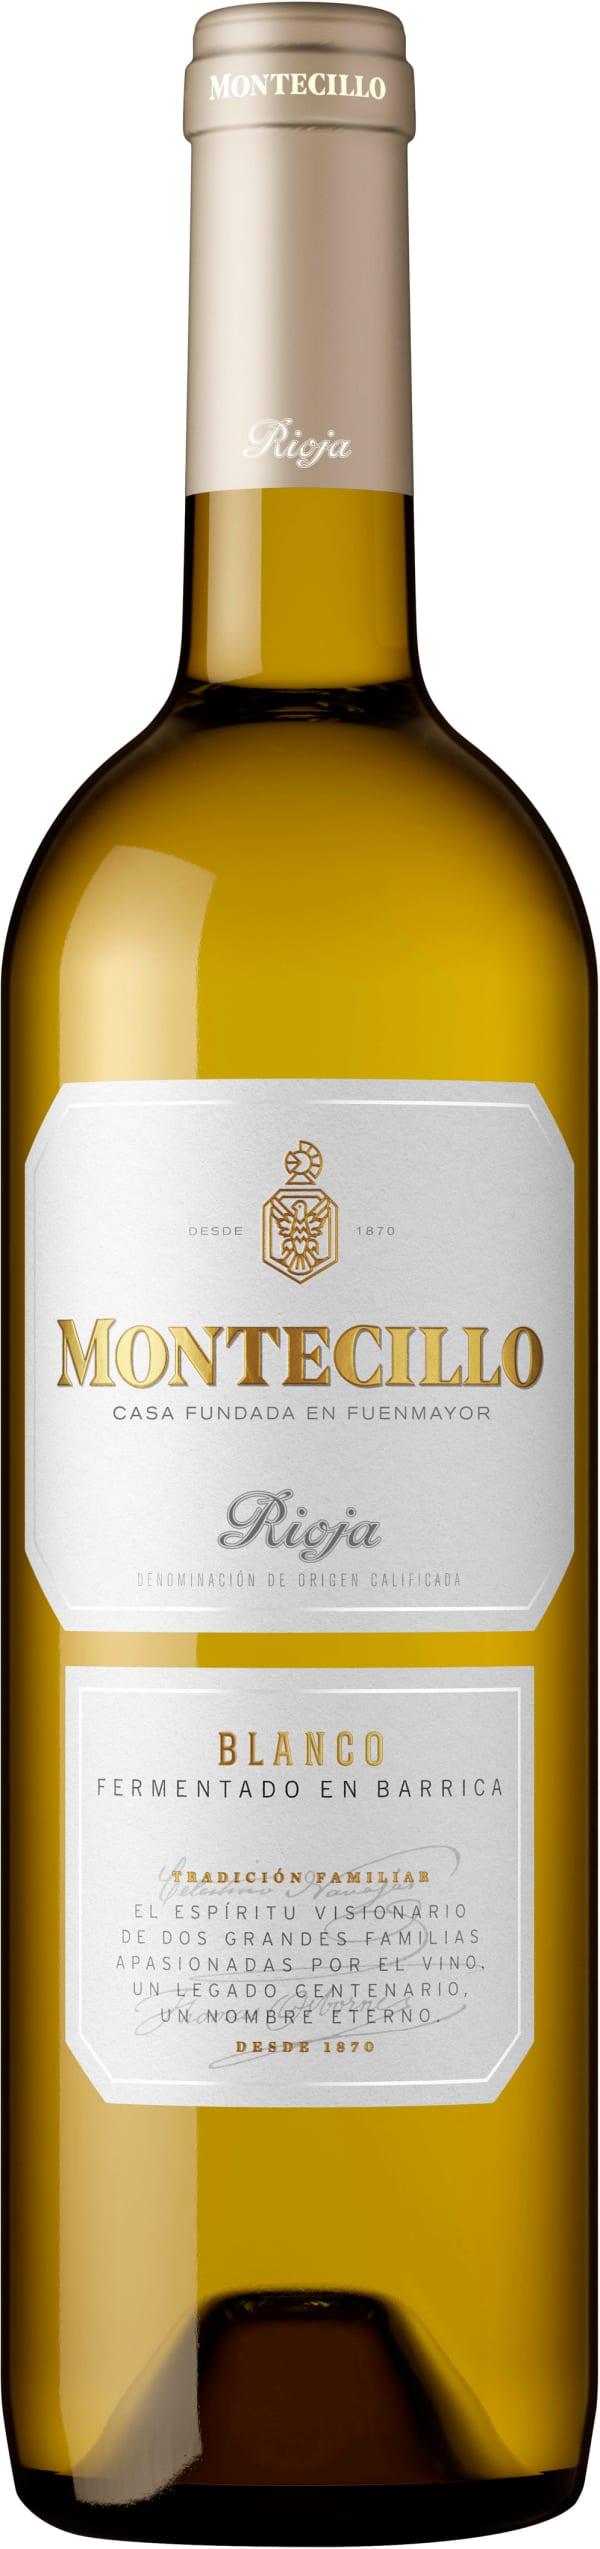 Montecillo Blanco 2016